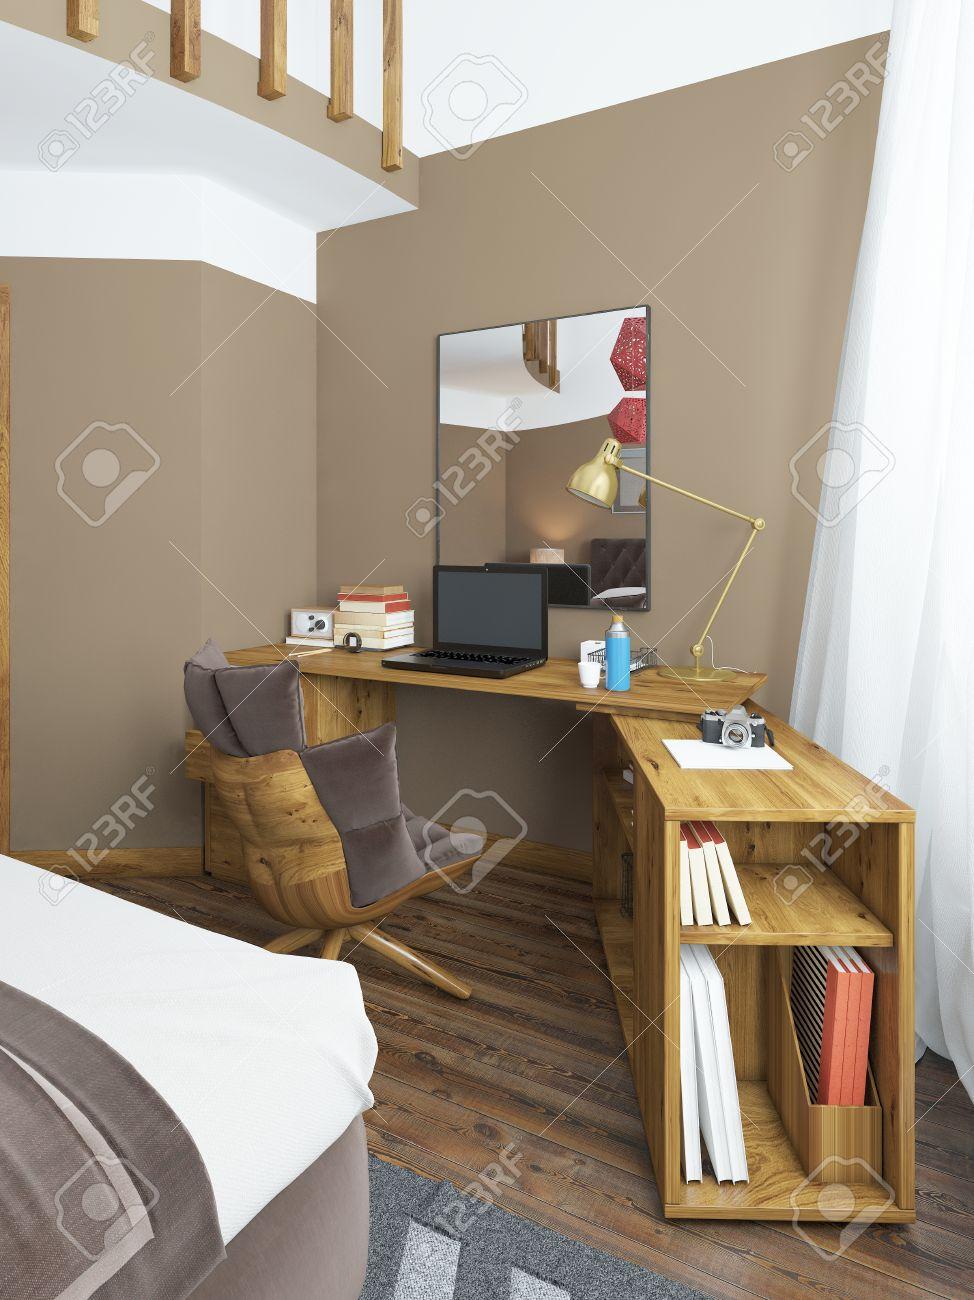 bureau dans une chambre moderne bois massif avec une piece jointe angulaire au dessus du miroir de table sur la table un ordinateur portable des